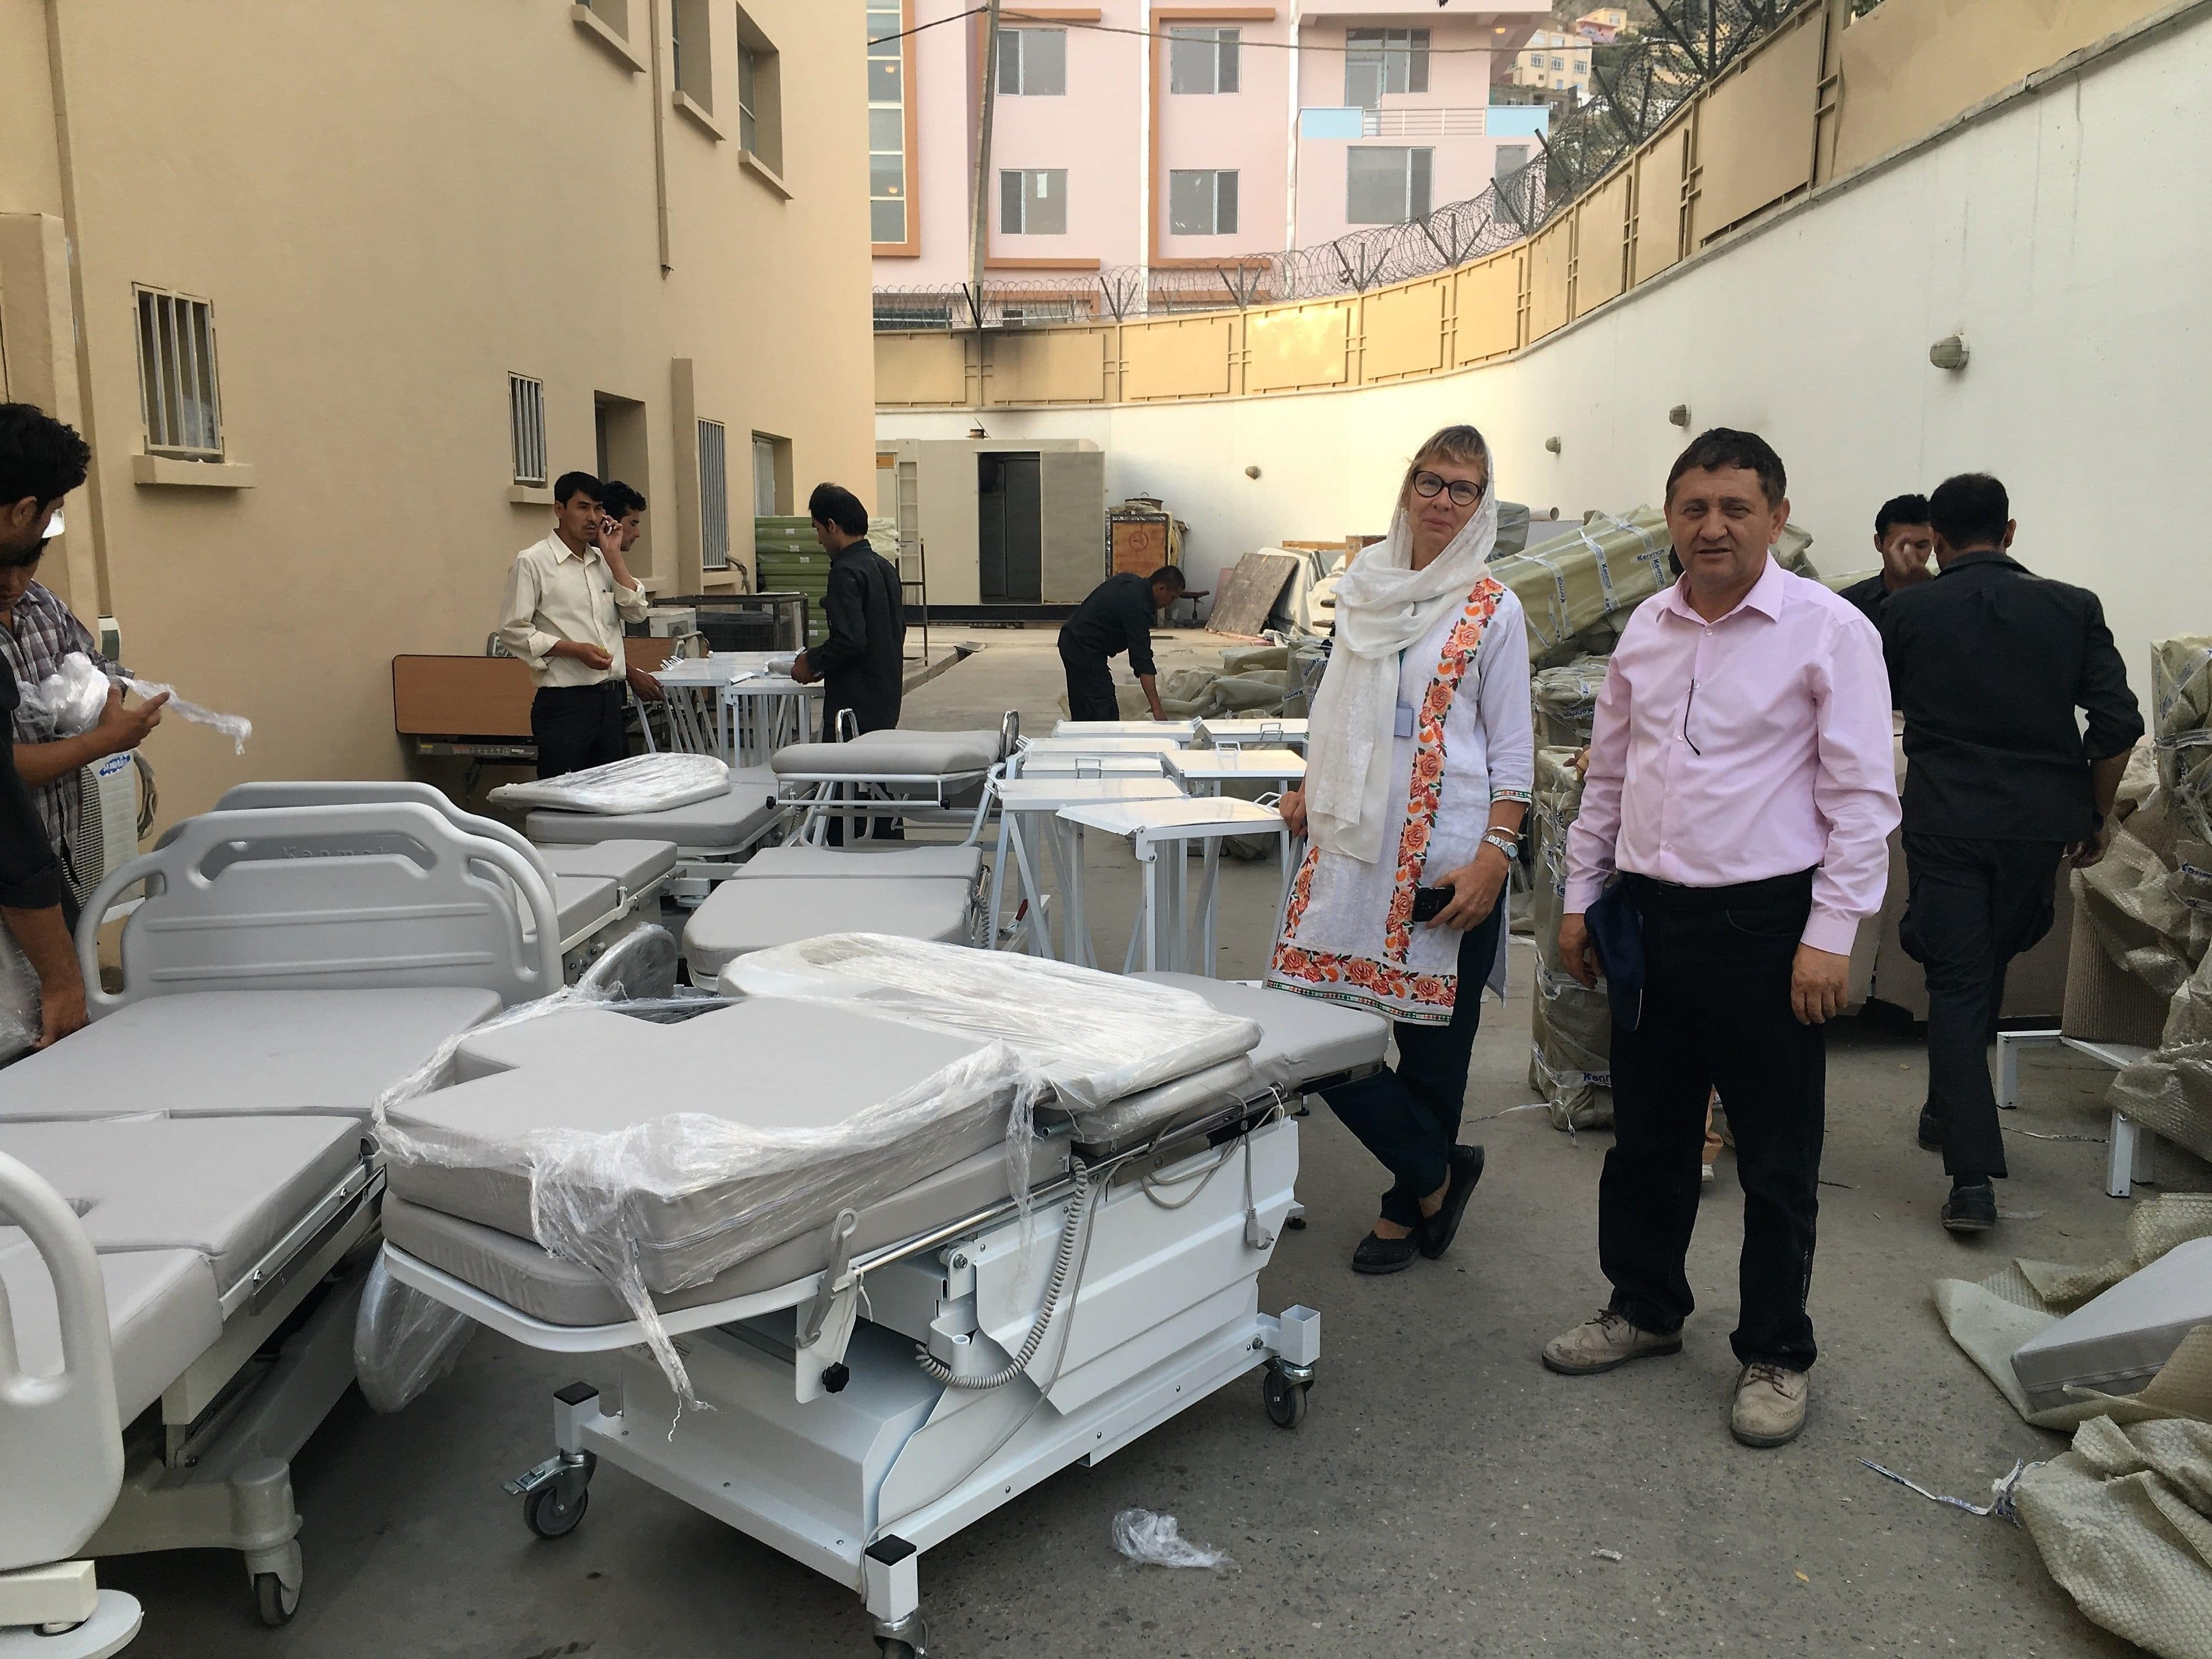 Arrivée des lits d'accouchement à Kaboul